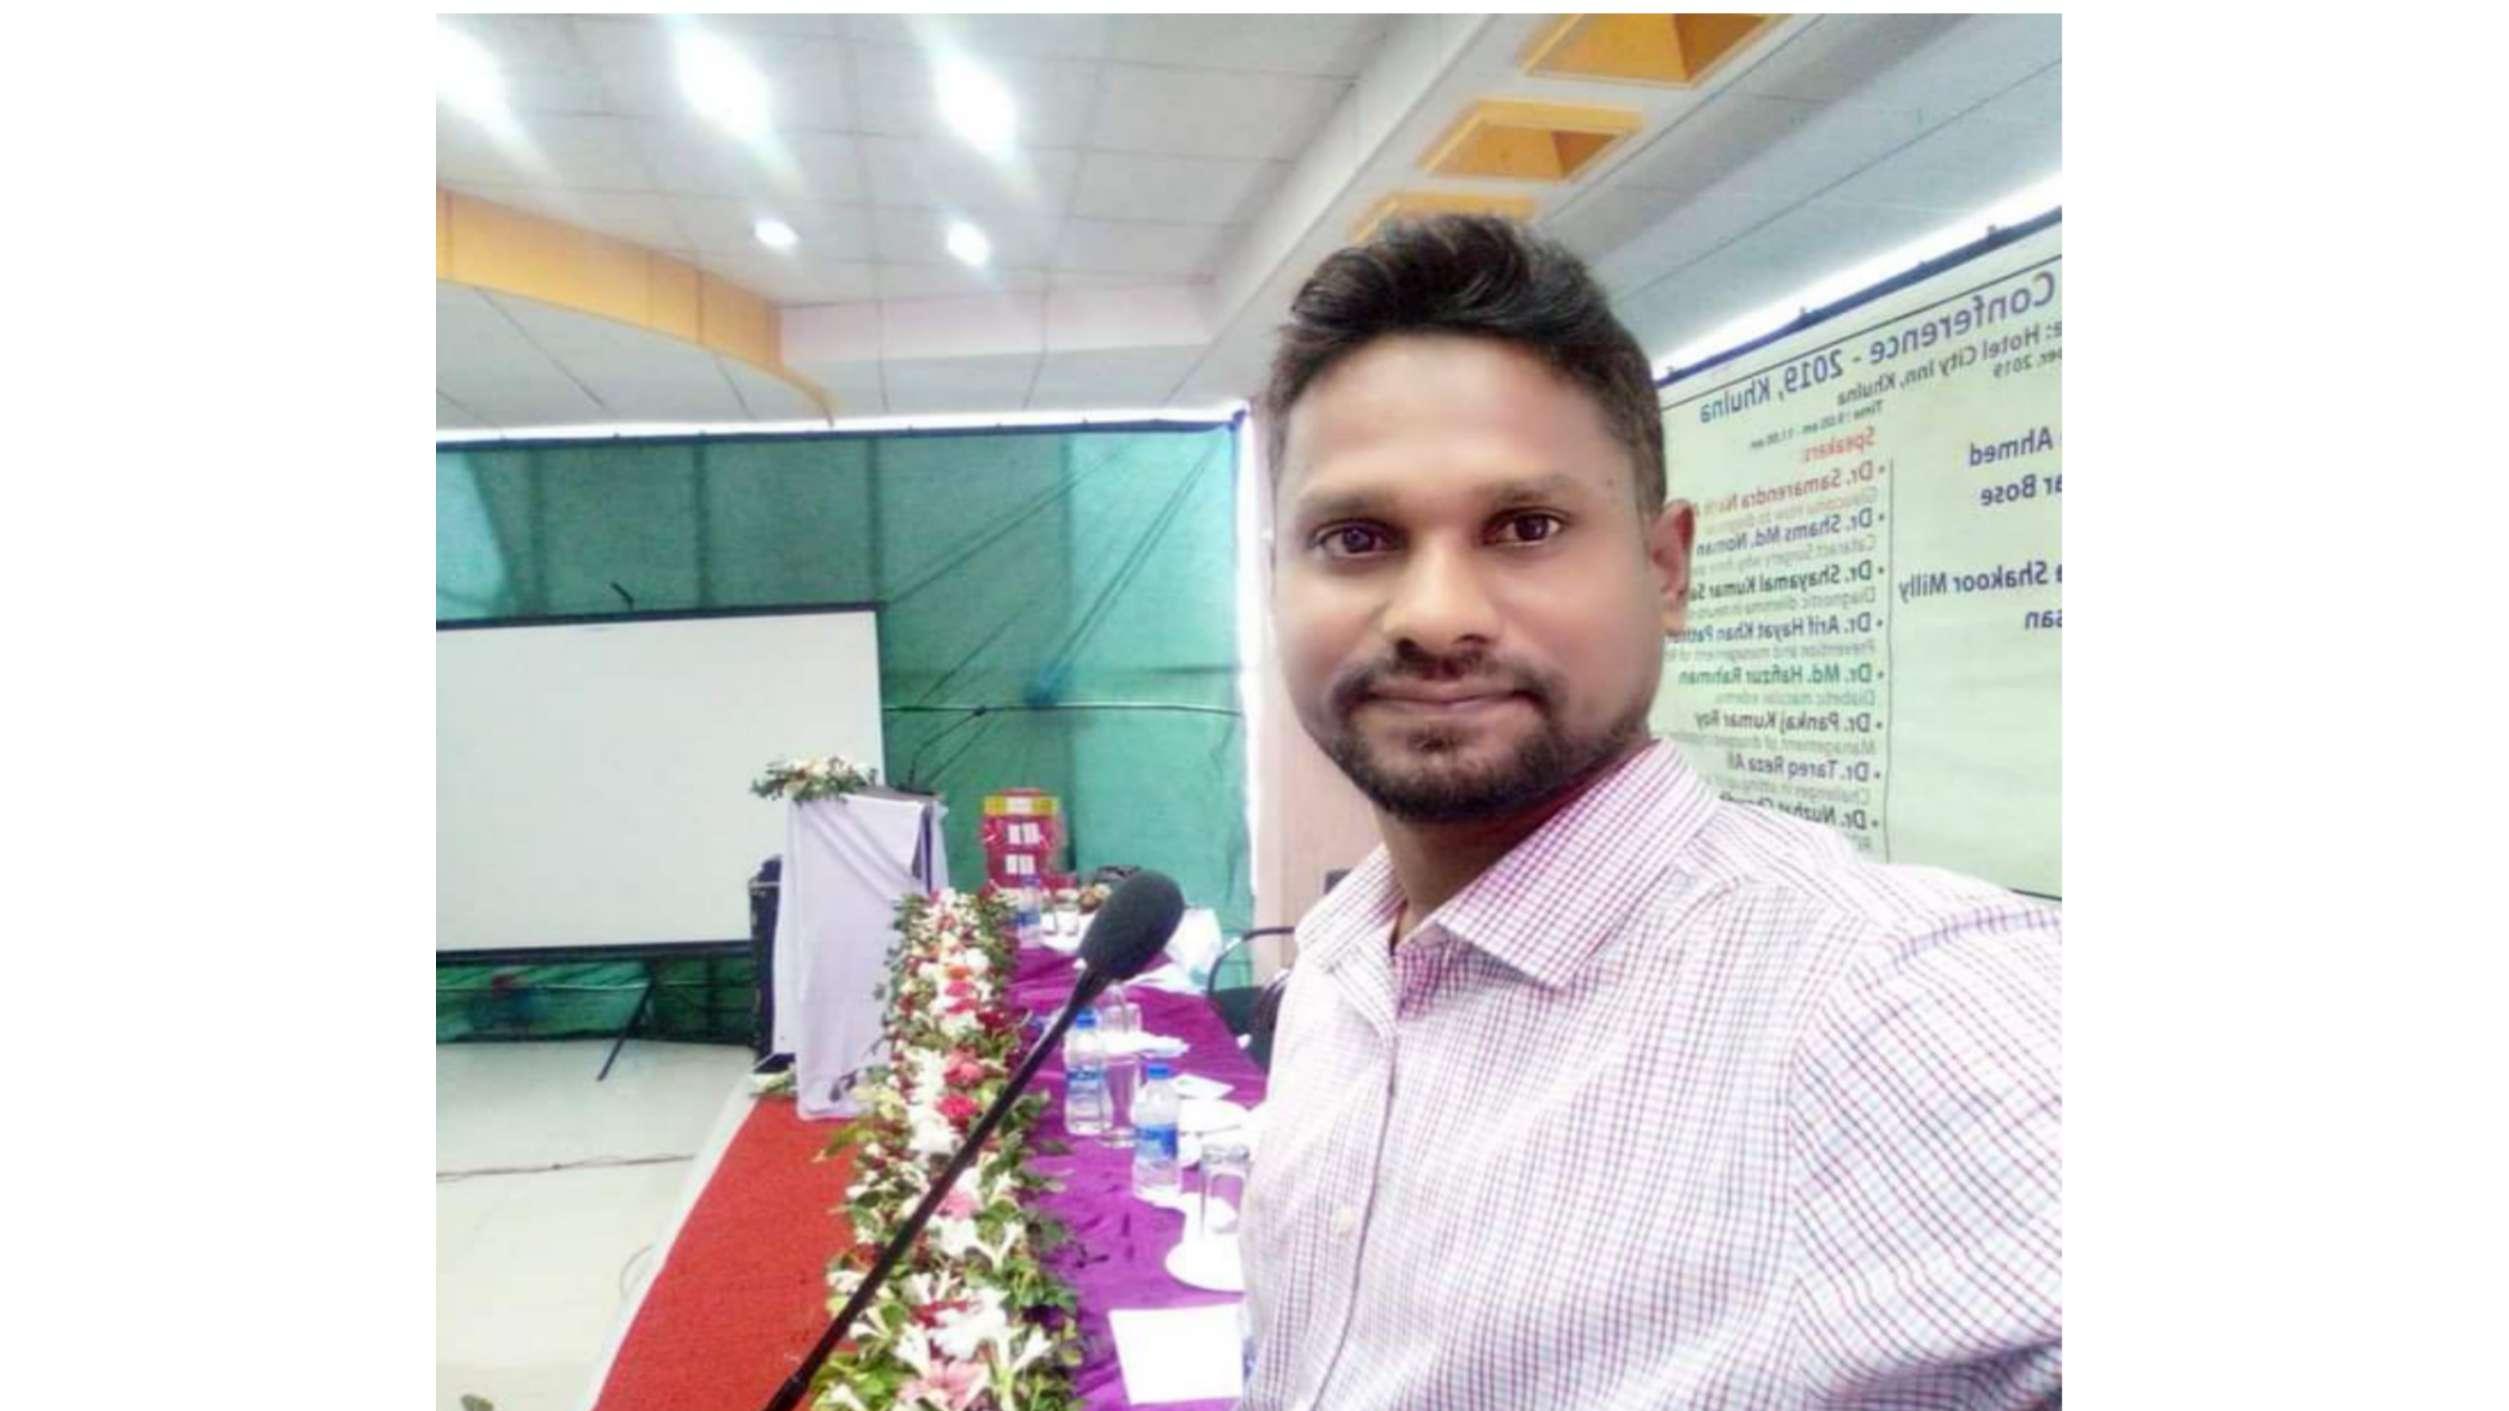 শেবাচিমে কনসালটেন্ট হিসেবে ডা. জাফর আলীর পদোন্নতি